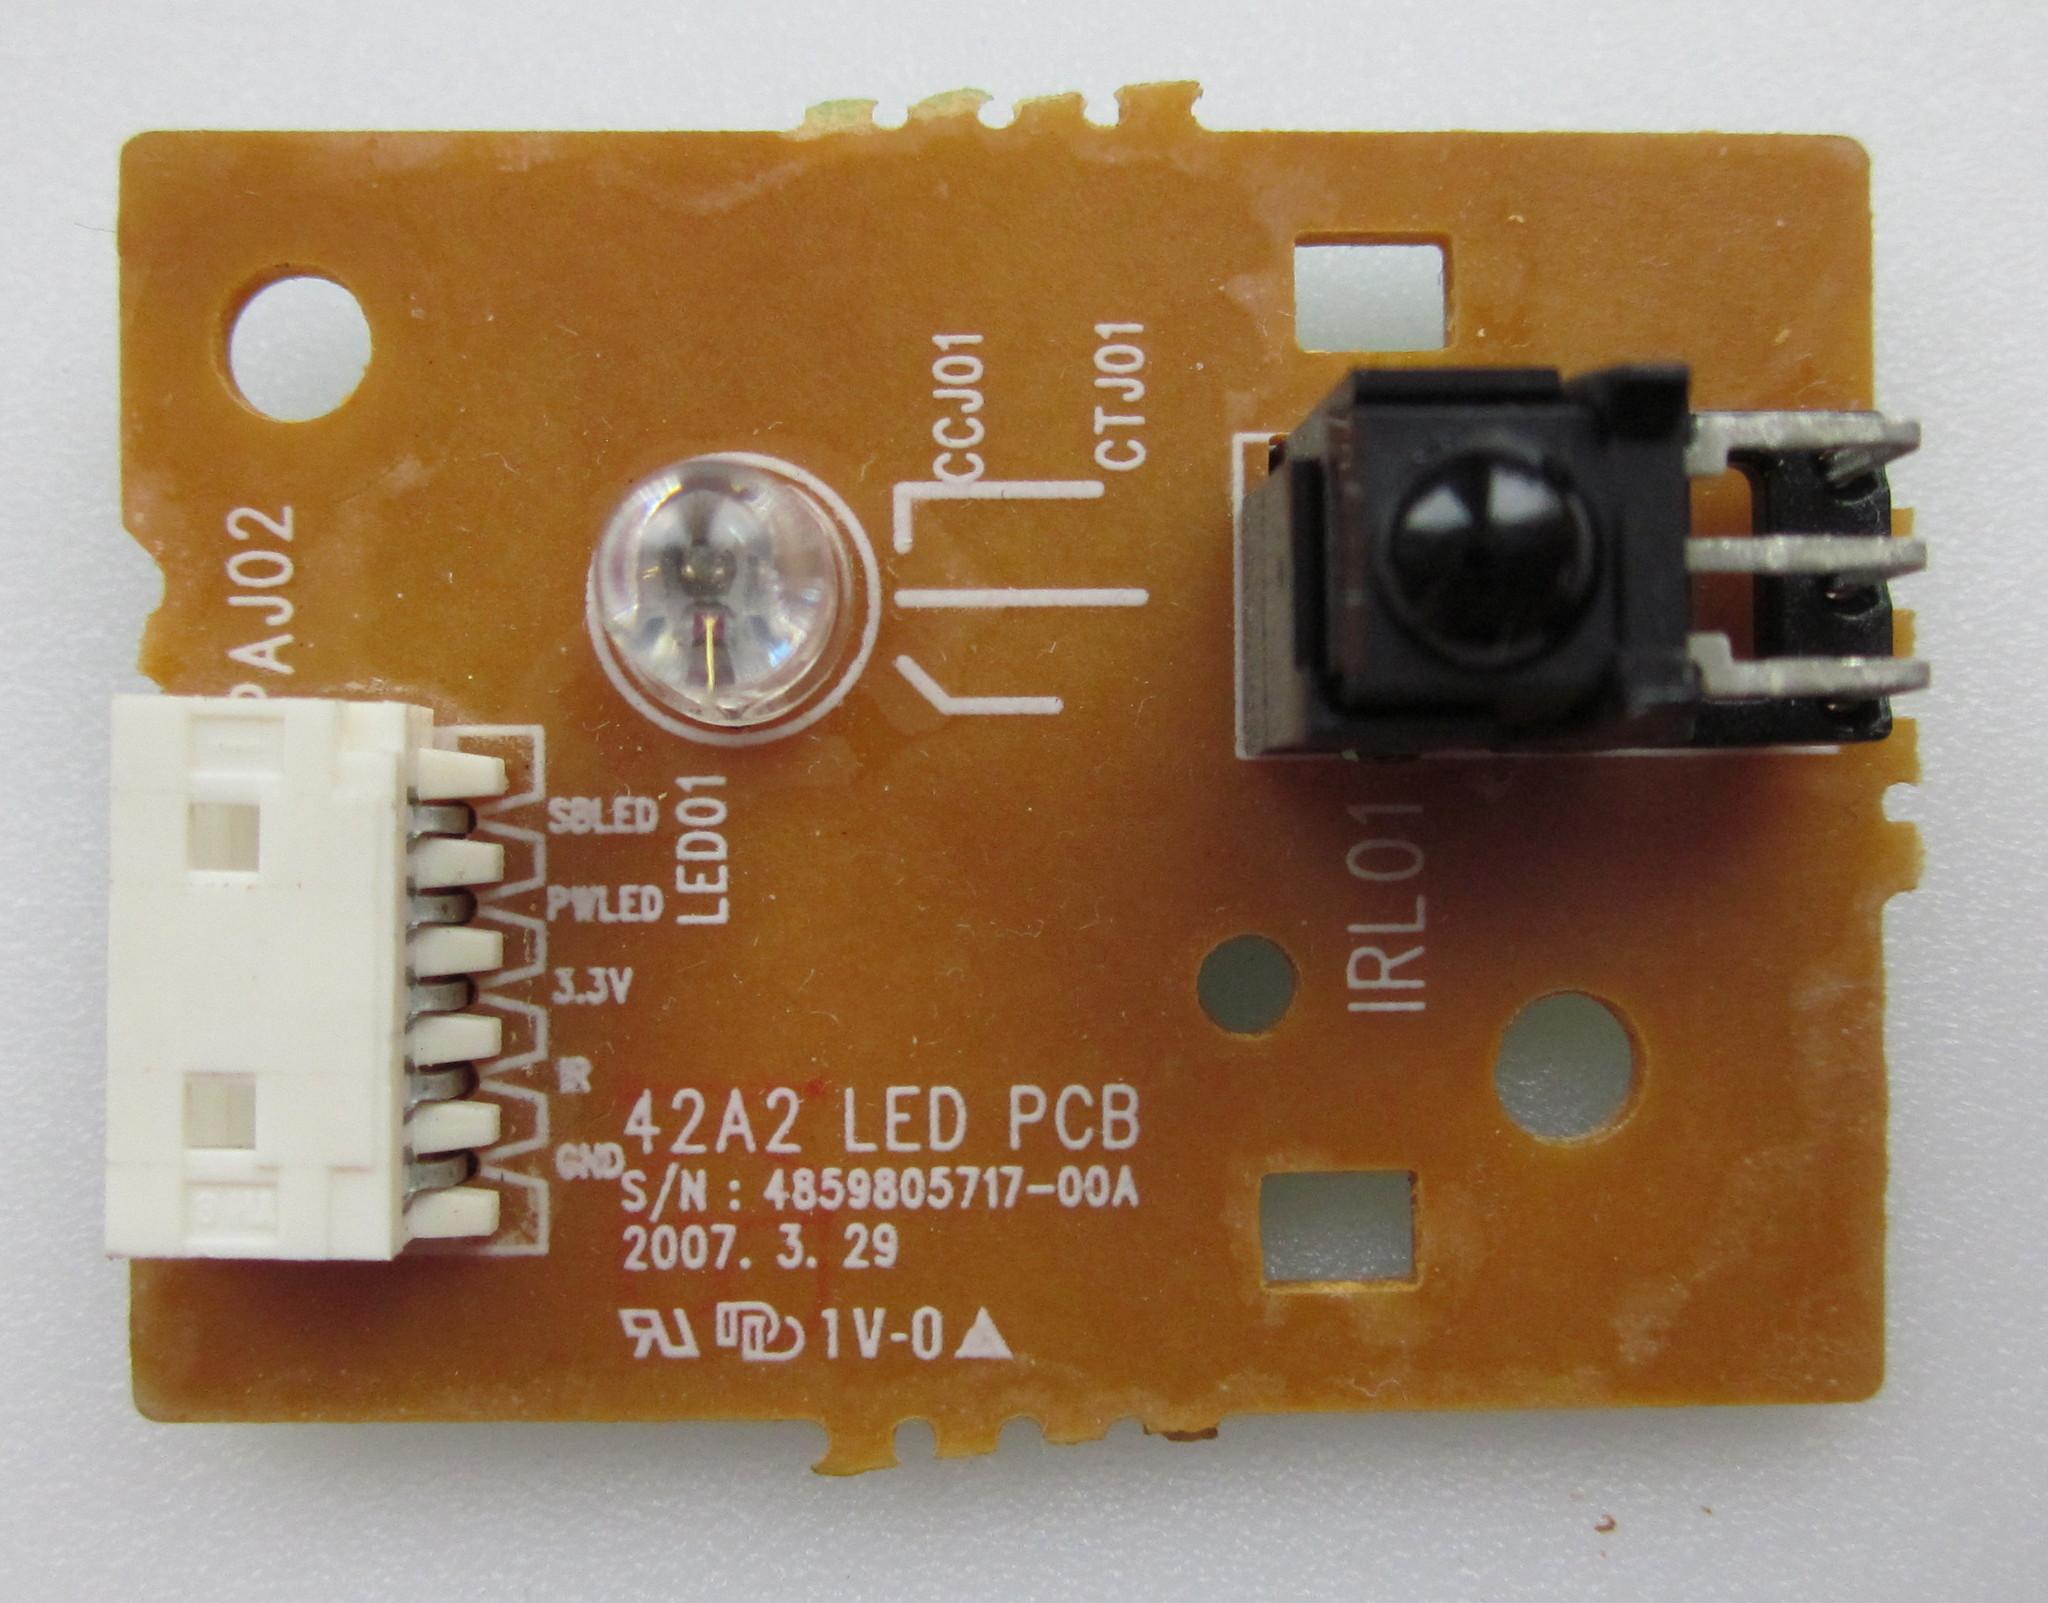 42A2 LED PCB